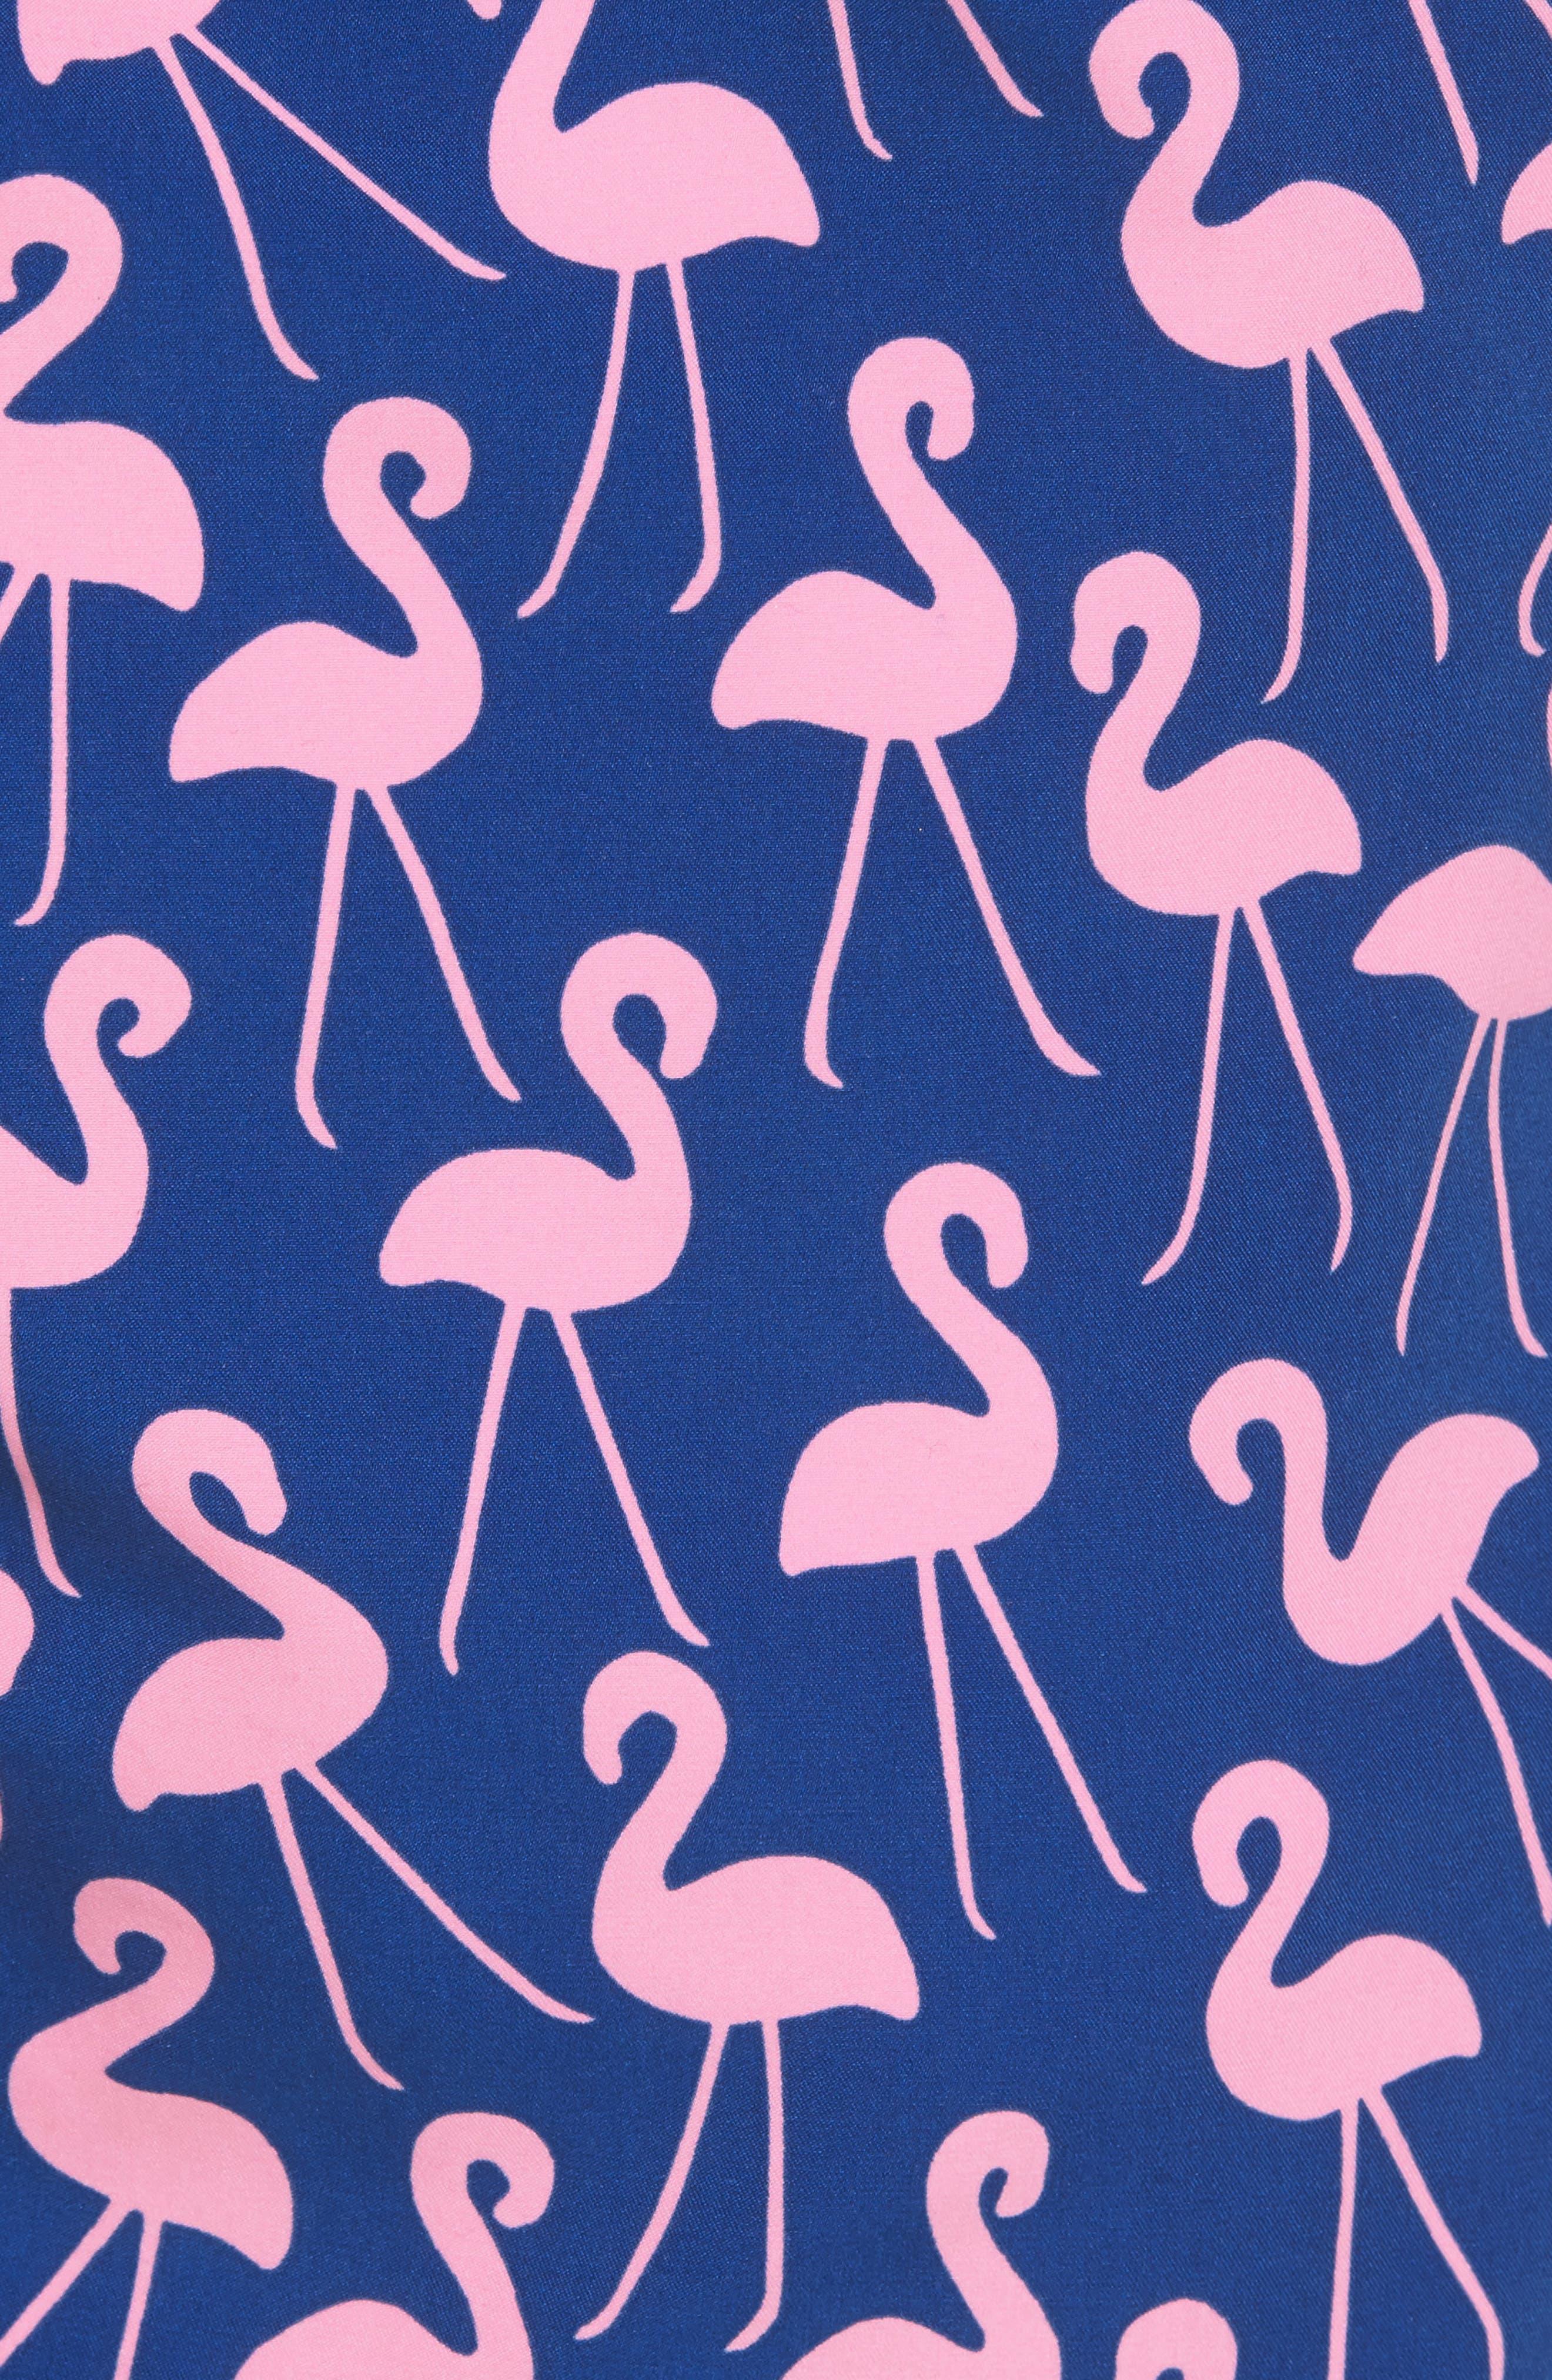 Flamingo Print Swim Trunks,                             Alternate thumbnail 5, color,                             409